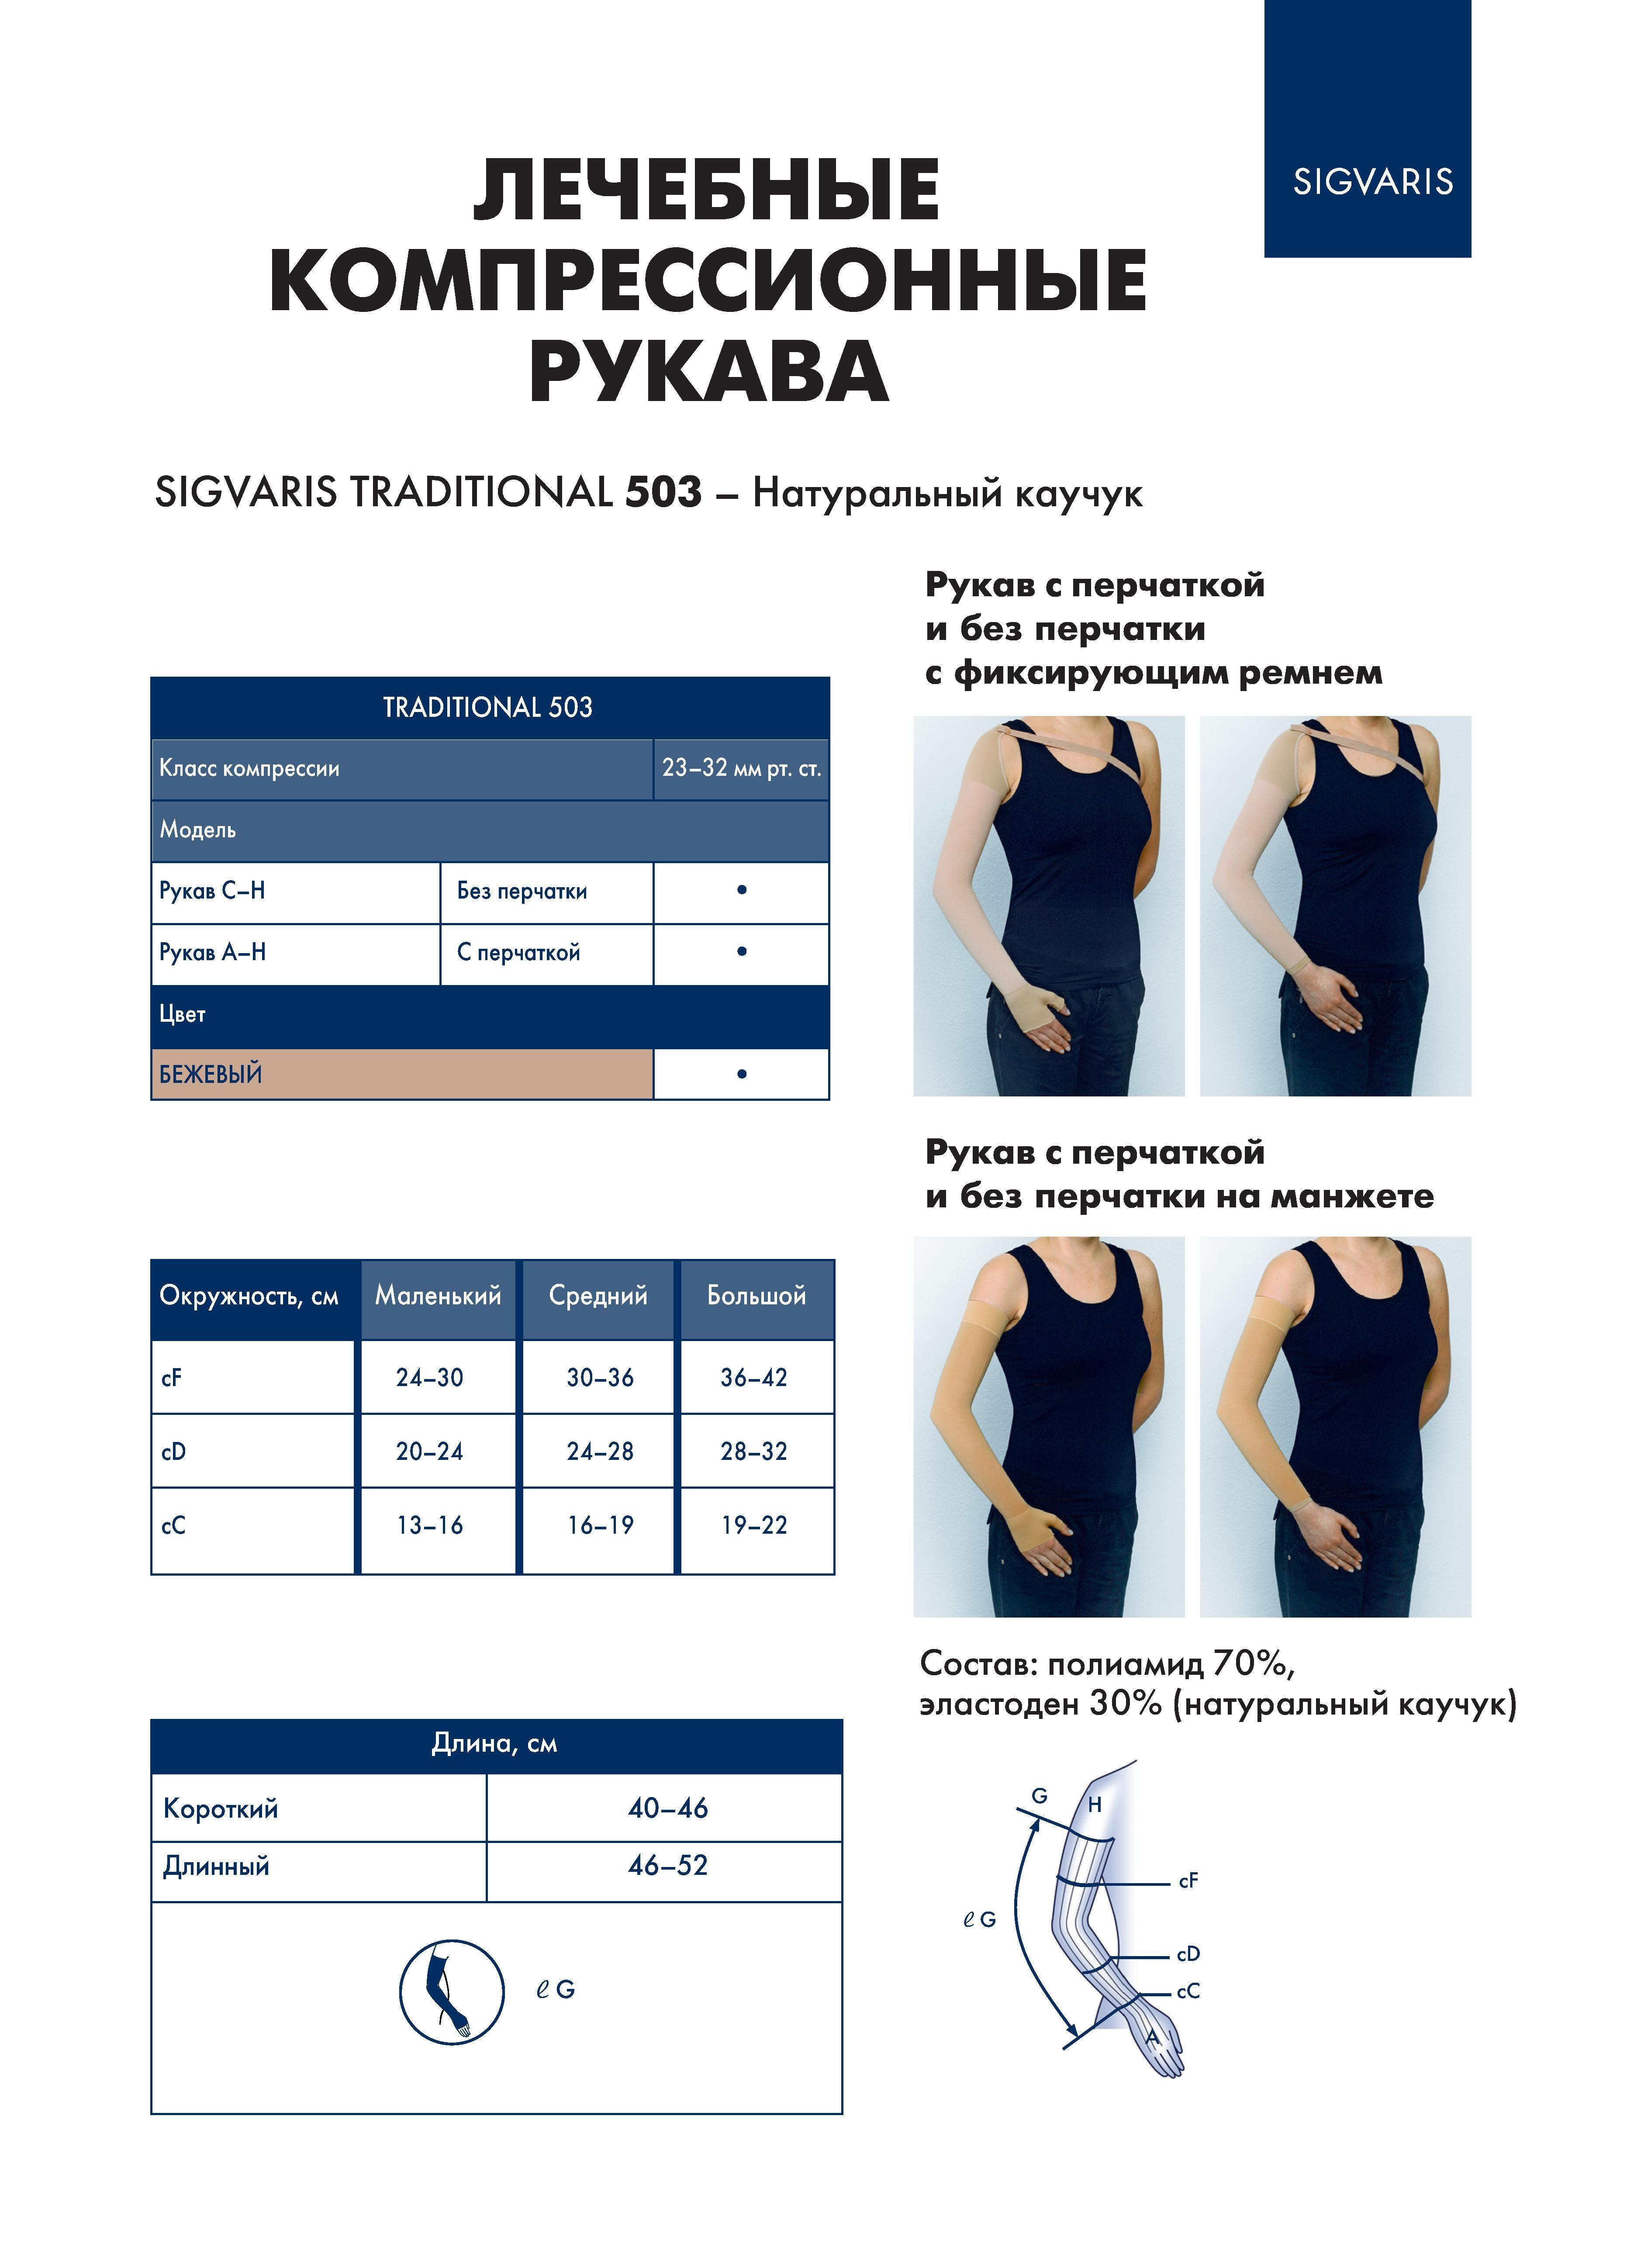 Схема подбора размера изделий серии Traditional для рукава